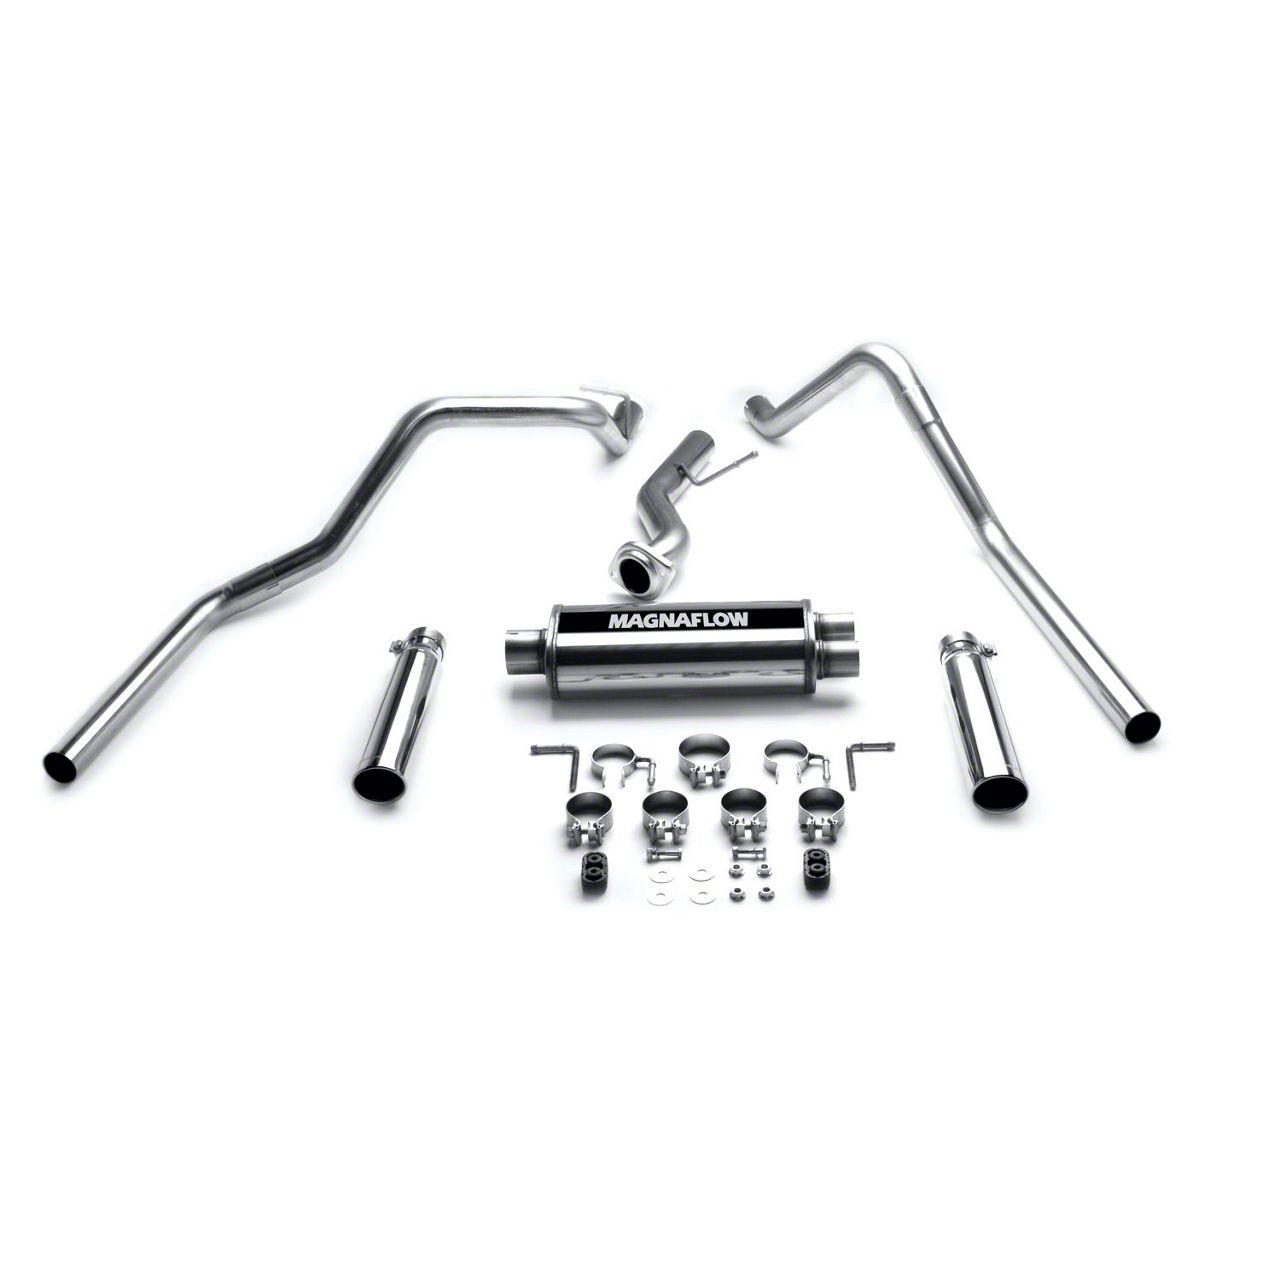 Magnaflow MF Series Dual Exhaust System - Rear Exit (99-06 4.3L Silverado 1500)